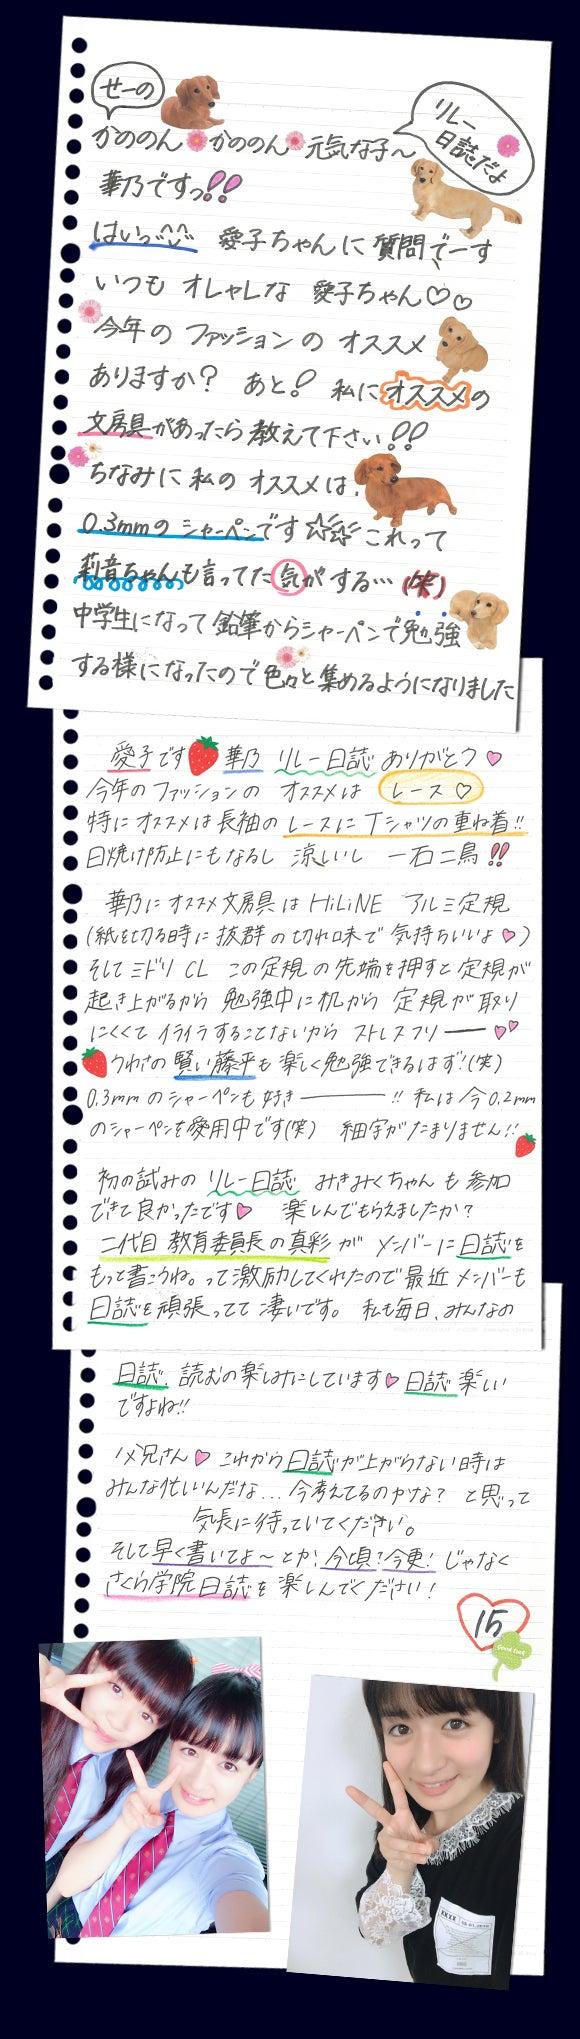 #サマソニいよいよ今週末!!8/19大阪、8/20東京メインステージに出演DEATH!!グッズ情報はこちら→?id=529   ...